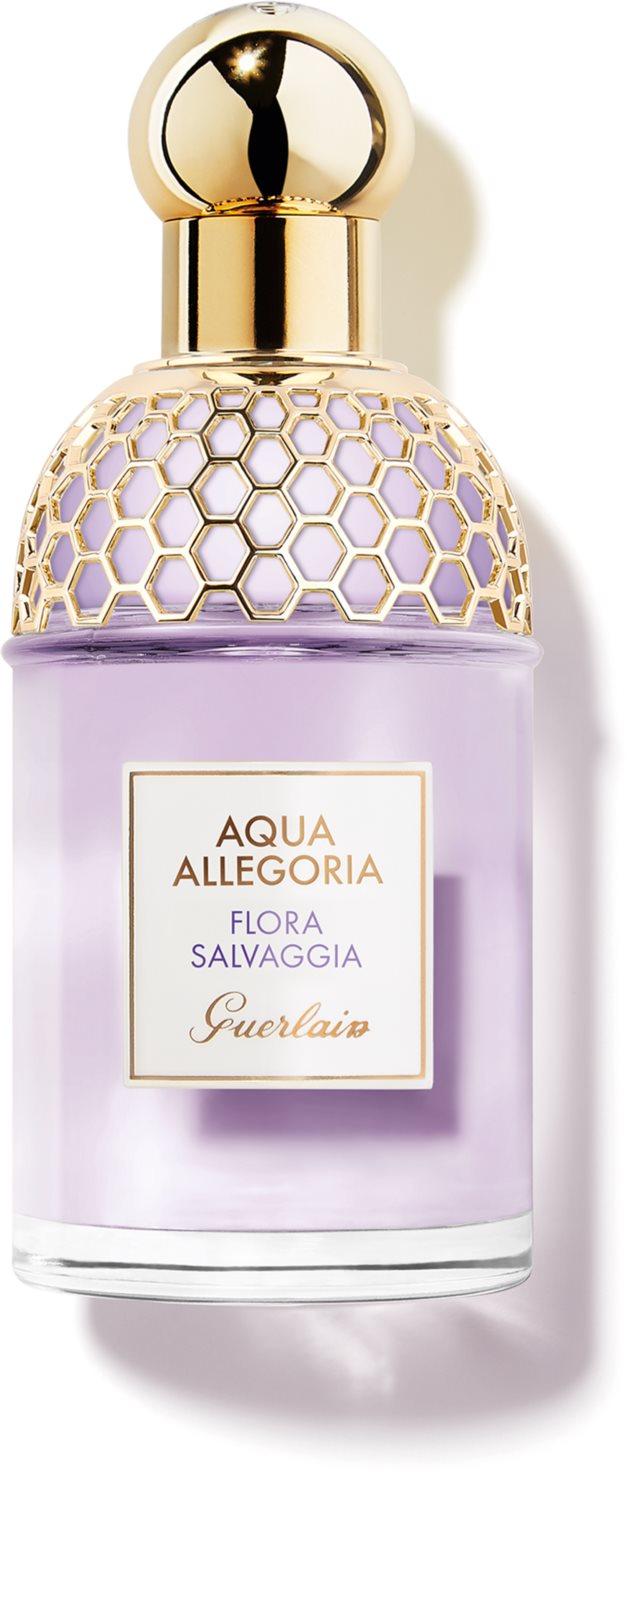 Guerlain Acqua Allegoria - Flora Selvaggia